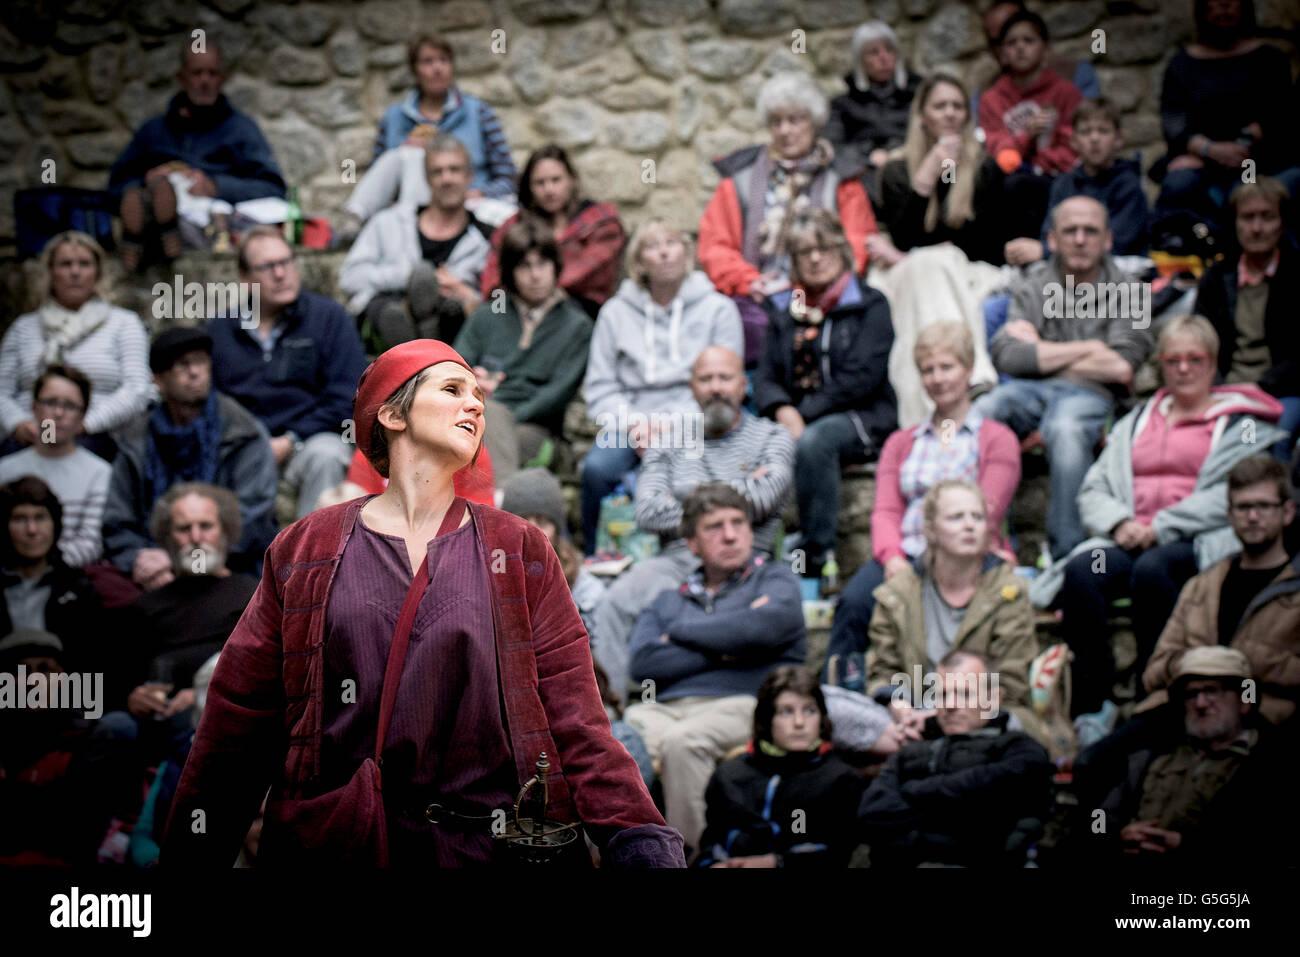 Wunder-Theater des Lebens ein Traum Akteure handeln Trebah Gärten Amphitheater Cornwall durchführen. Stockbild